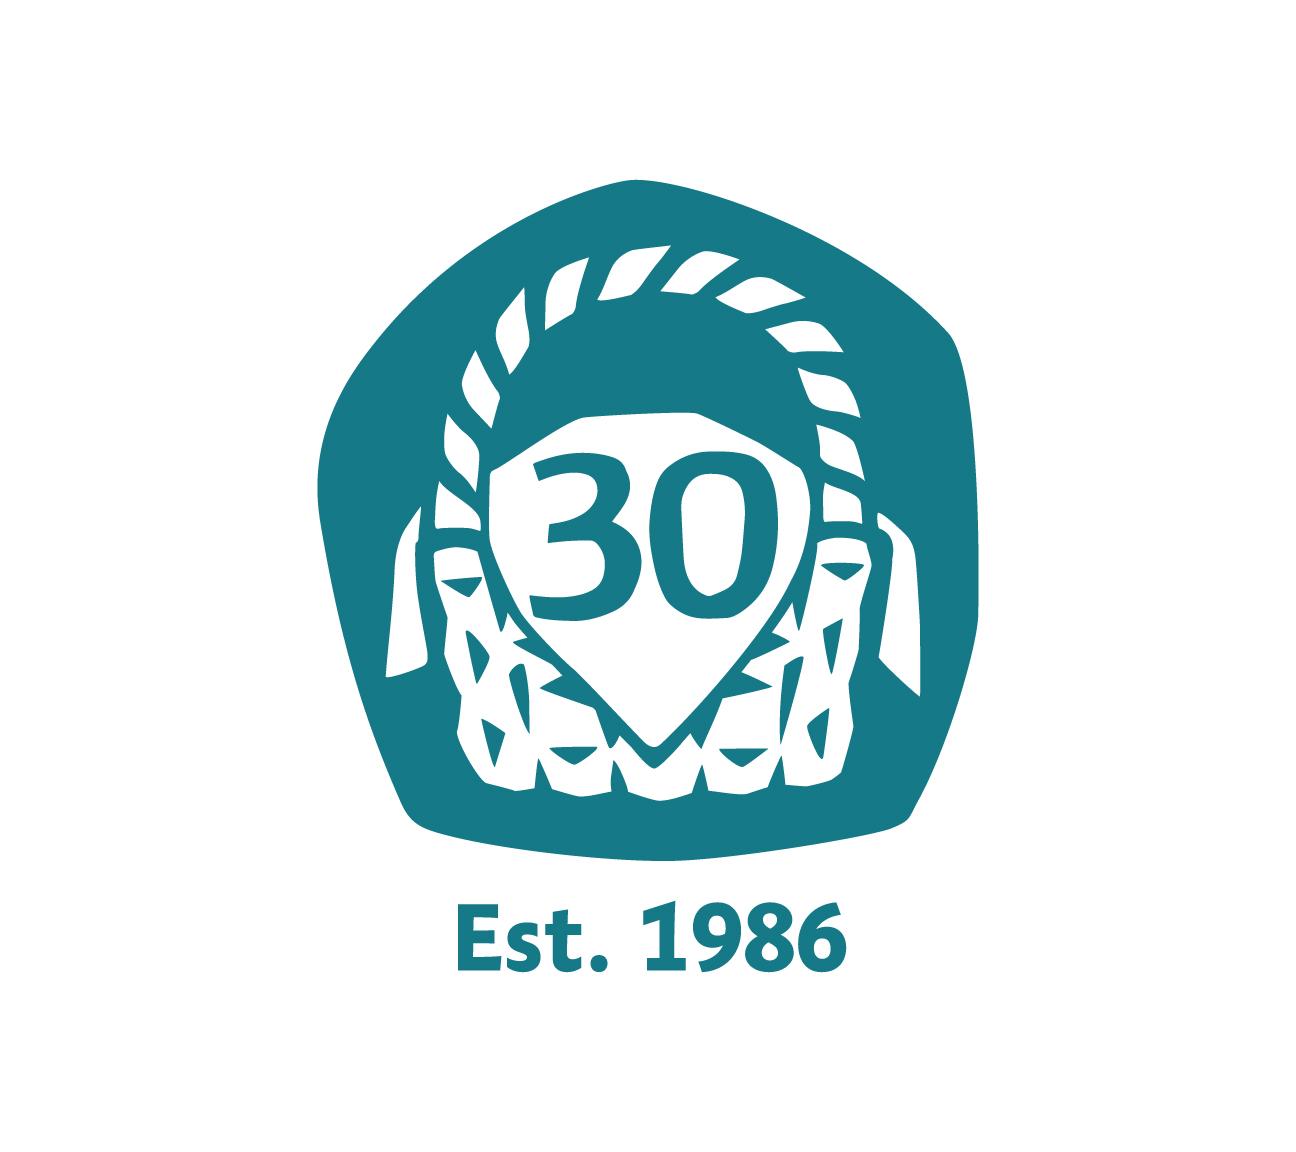 wsa_30th_logo-small.jpg